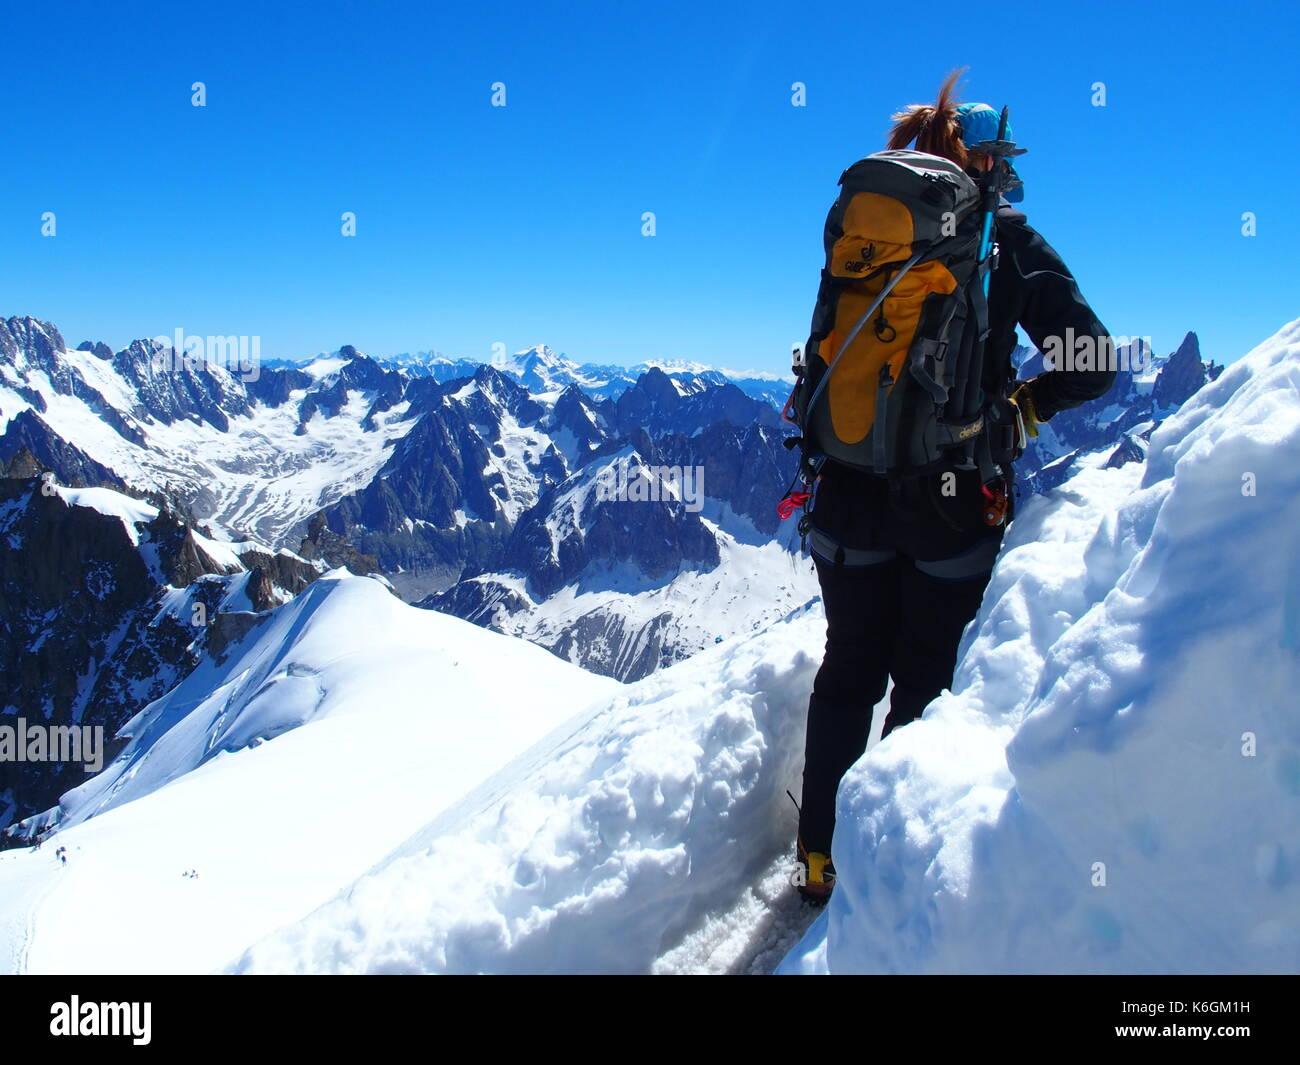 Klettersteig Chamonix : Alpinist bergsteiger in französische alpen chamonix